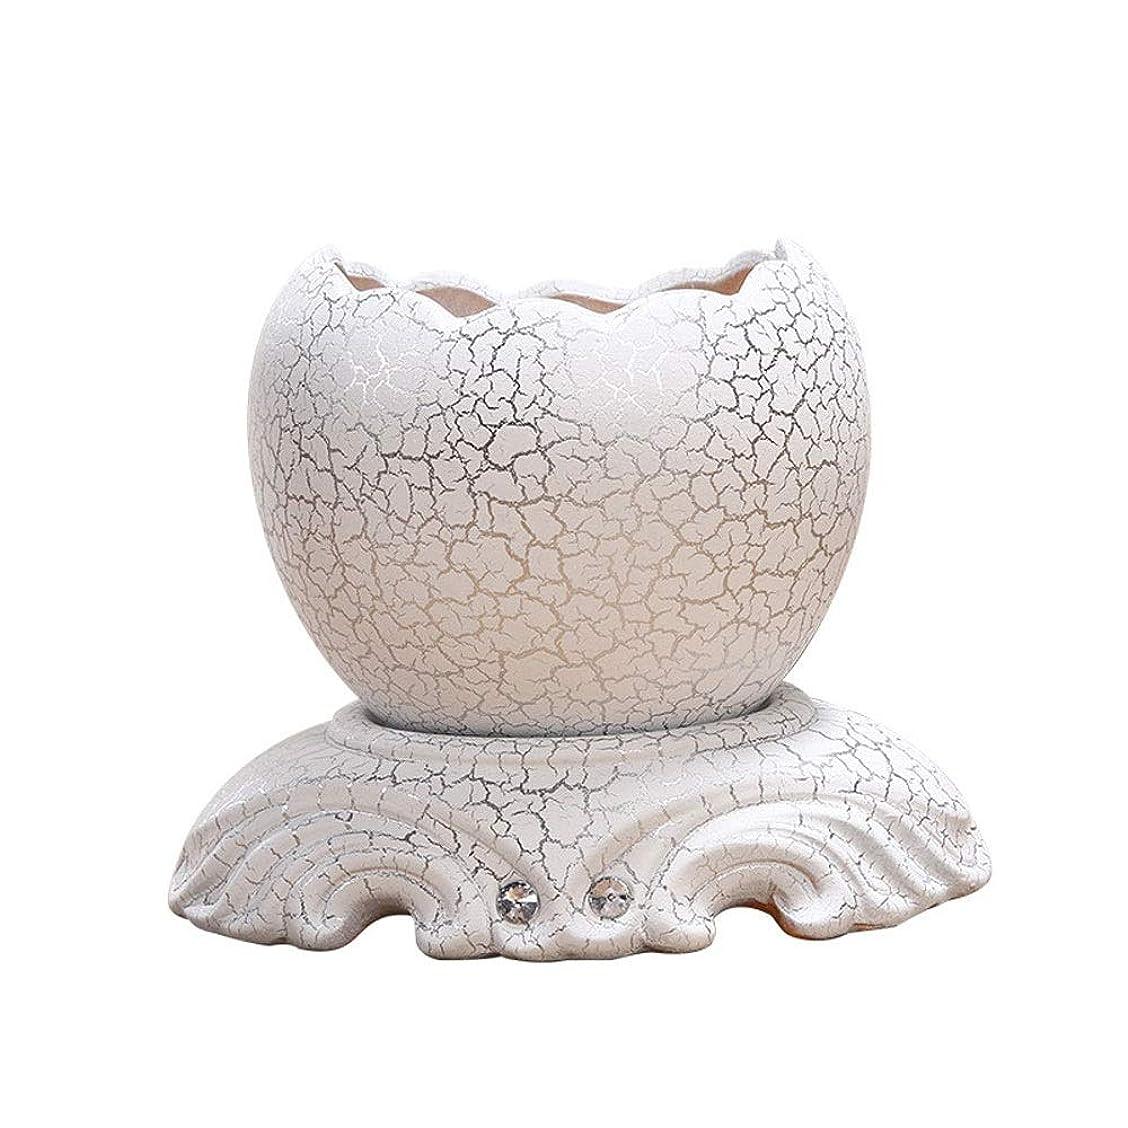 才能のある迫害ツインYYQIANG 手作りの陶器プランター装飾壁PlantersSphericalフラワーポットリビングルームのベッドルームの装飾セラミックフラワーポットトレイ(カラー:ホワイトサイズ:15cmx19cm) (Color : White)